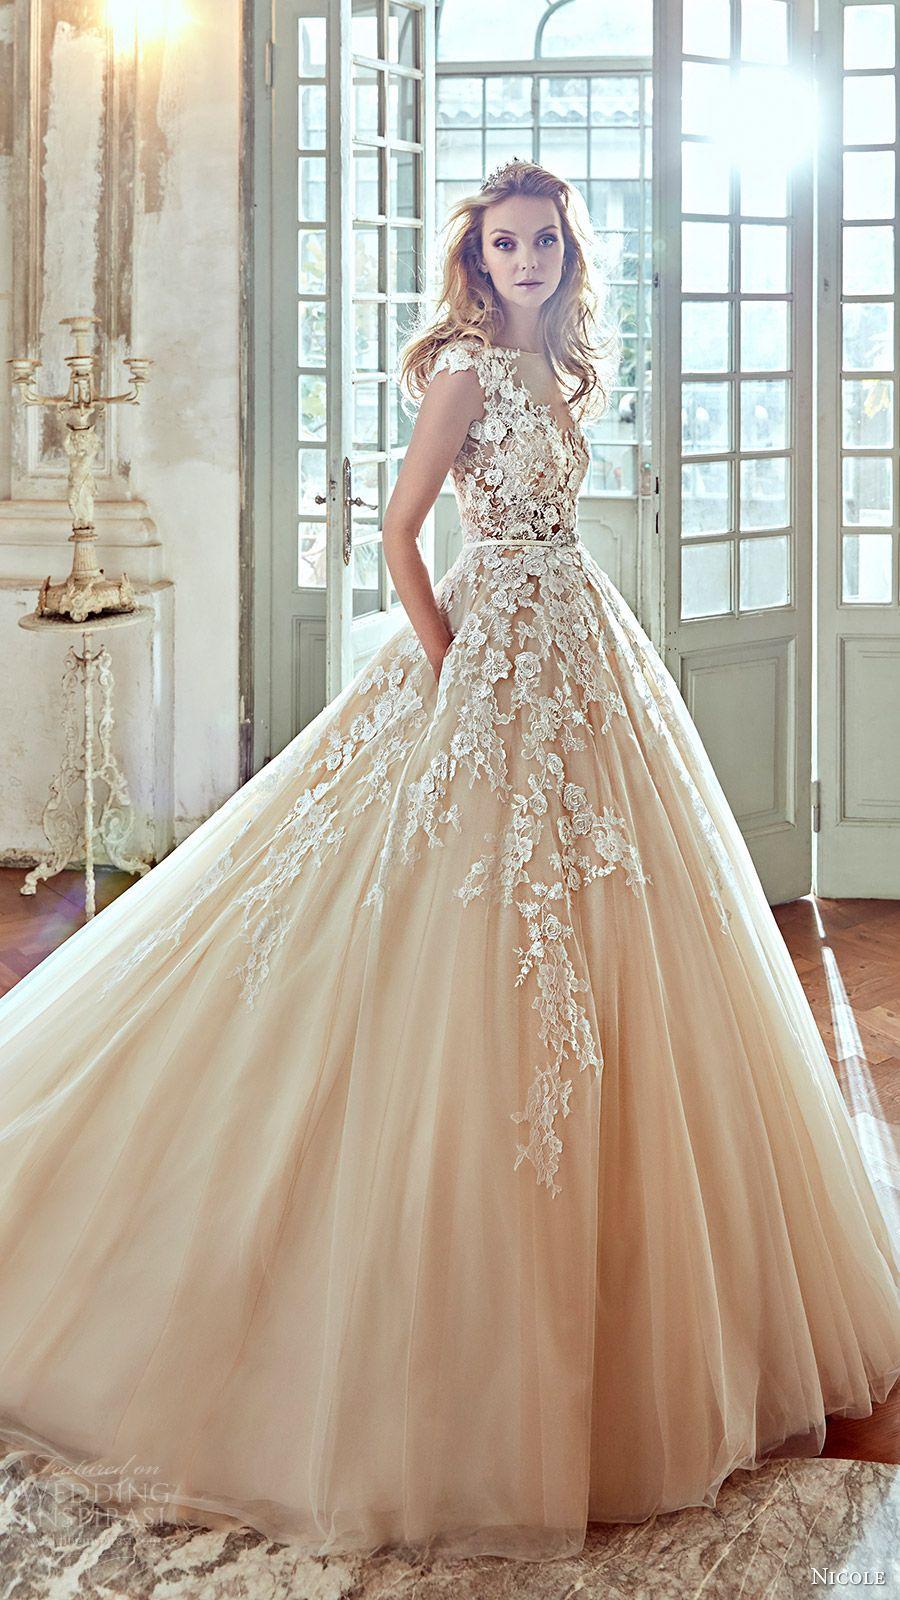 Nicole 2017 Wedding Dresses Wedding Inspirasi Ball Gowns Wedding Wedding Dresses 2017 Bridal Dresses